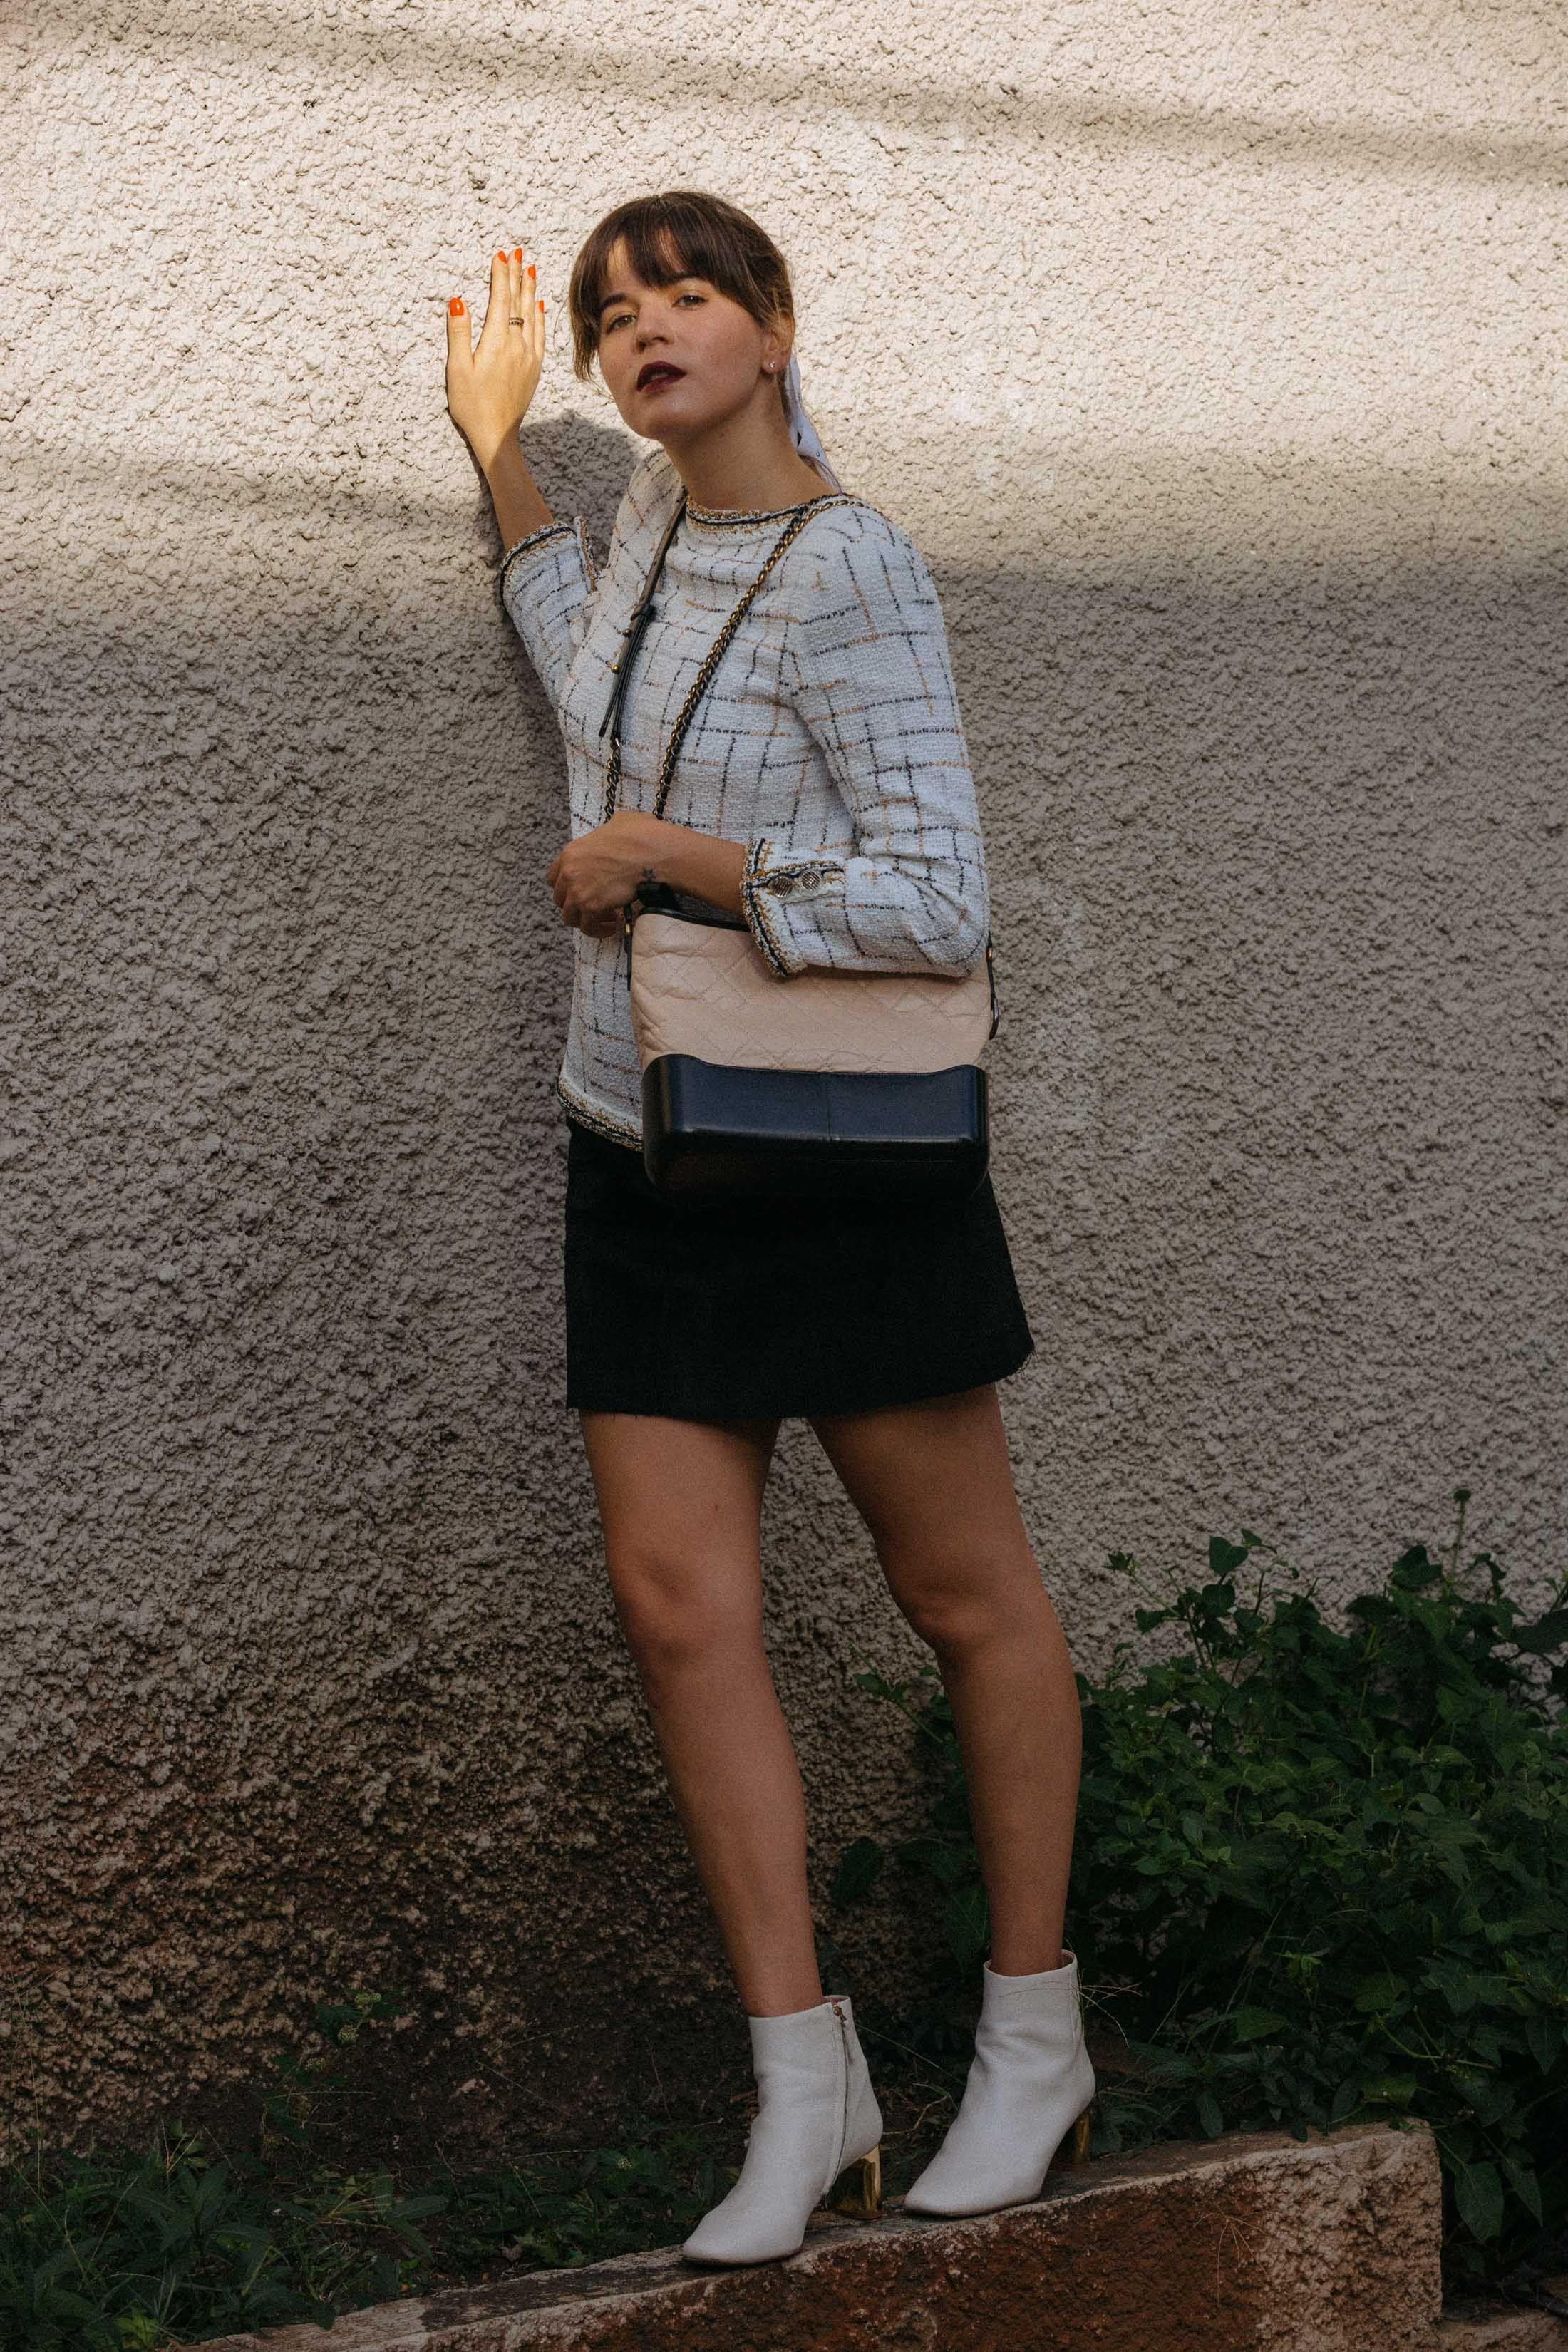 f6b716a910 Maristella wears the Chanel tweed jacket backwards